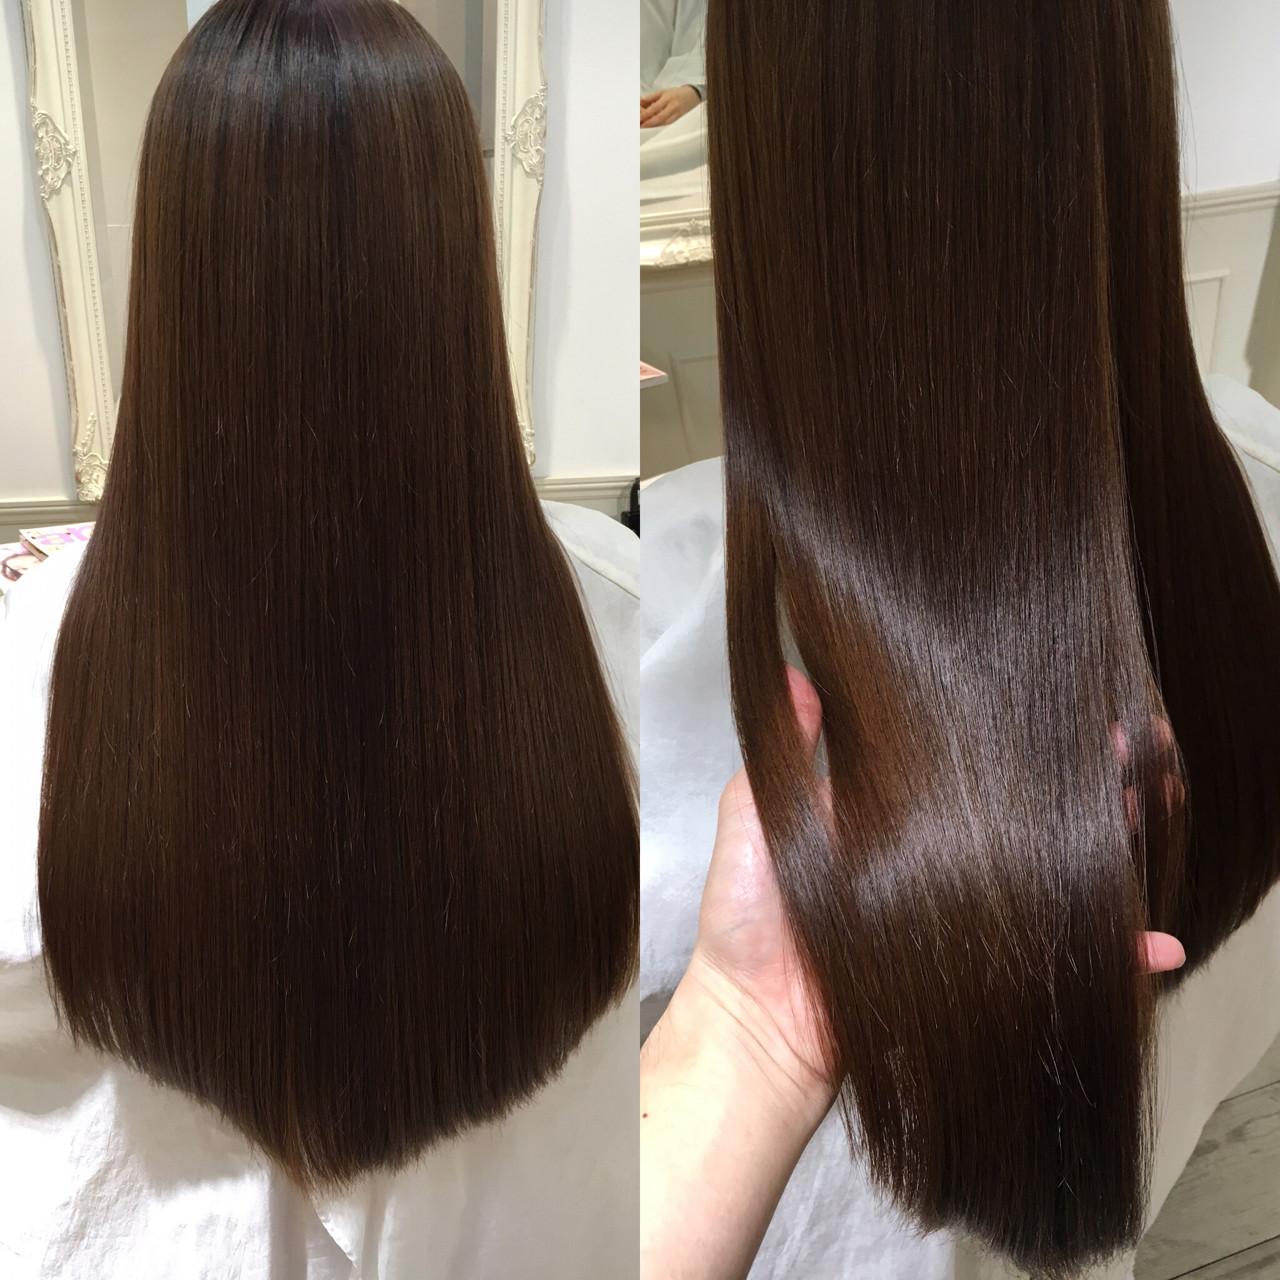 トリートメント 艶髪 パーマ ナチュラル ヘアスタイルや髪型の写真・画像